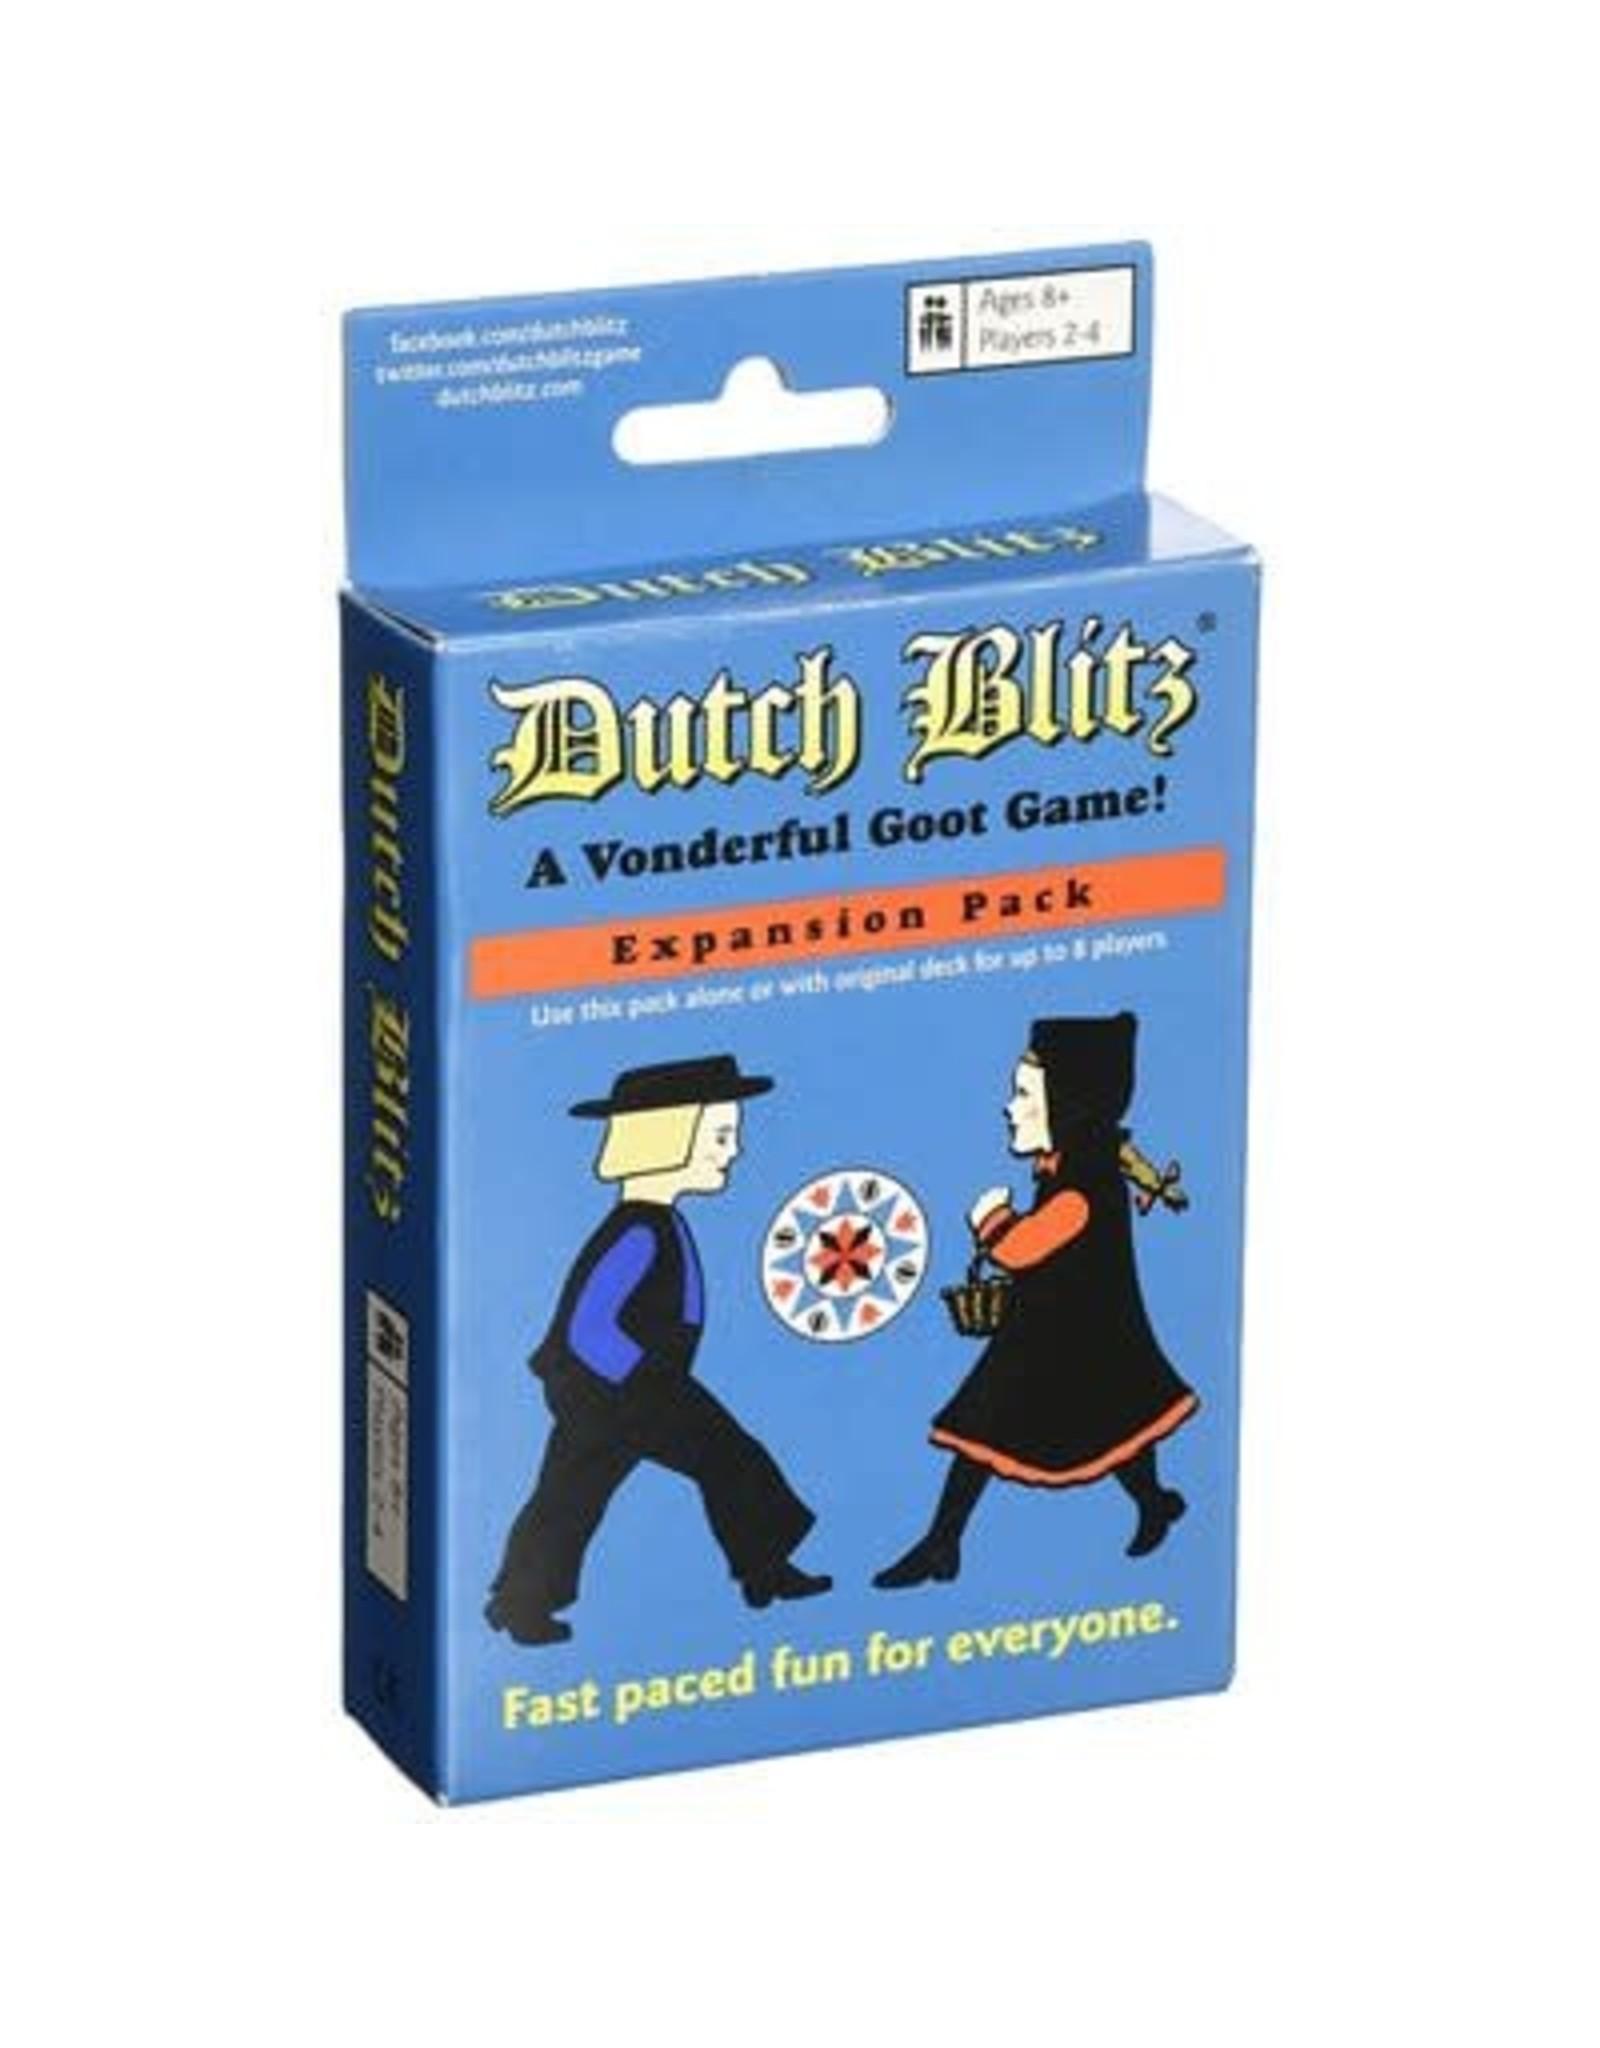 Dutch Blitz Blue Expansion